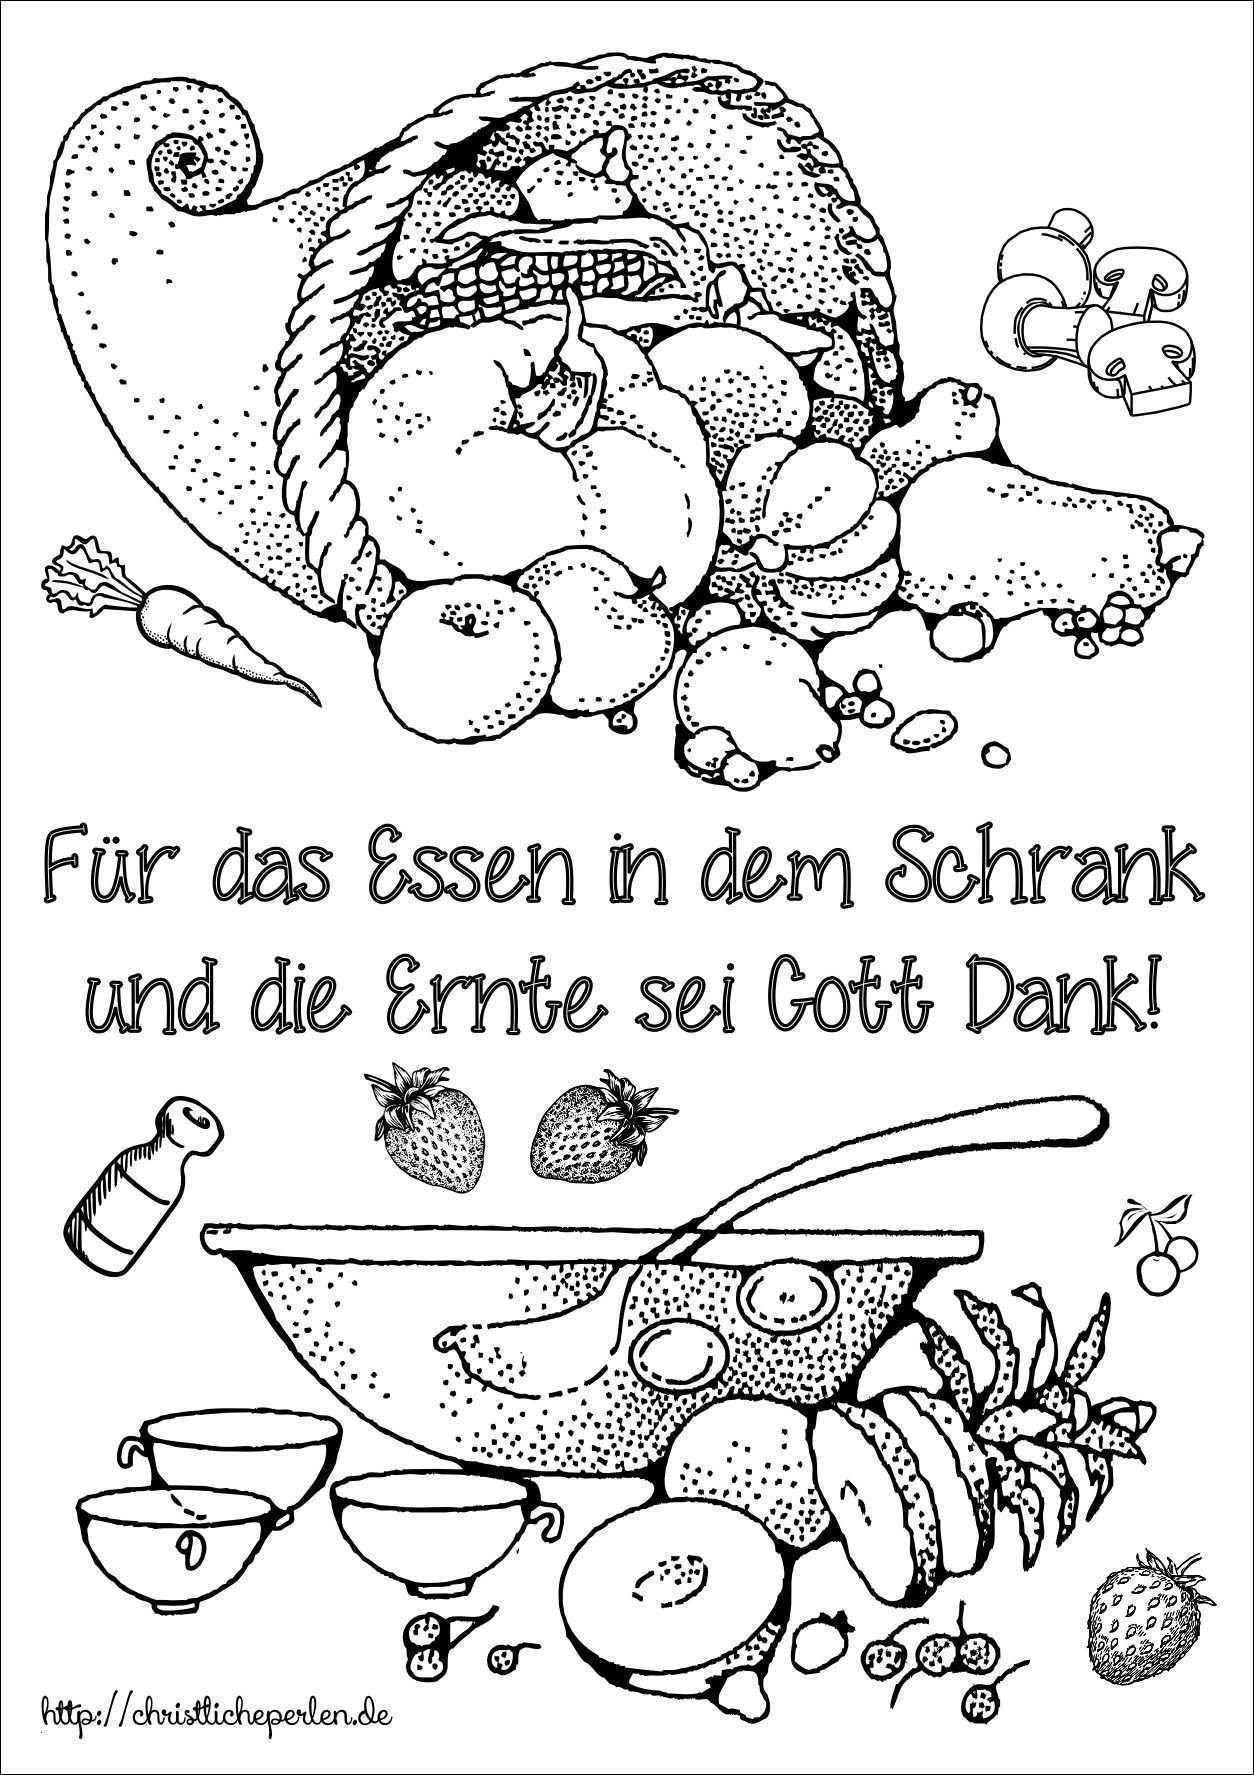 Engel Zum Ausdrucken Neu Engel Malvorlagen Zum Ausdrucken Bild 37 Hasen Malvorlagen Zum Galerie